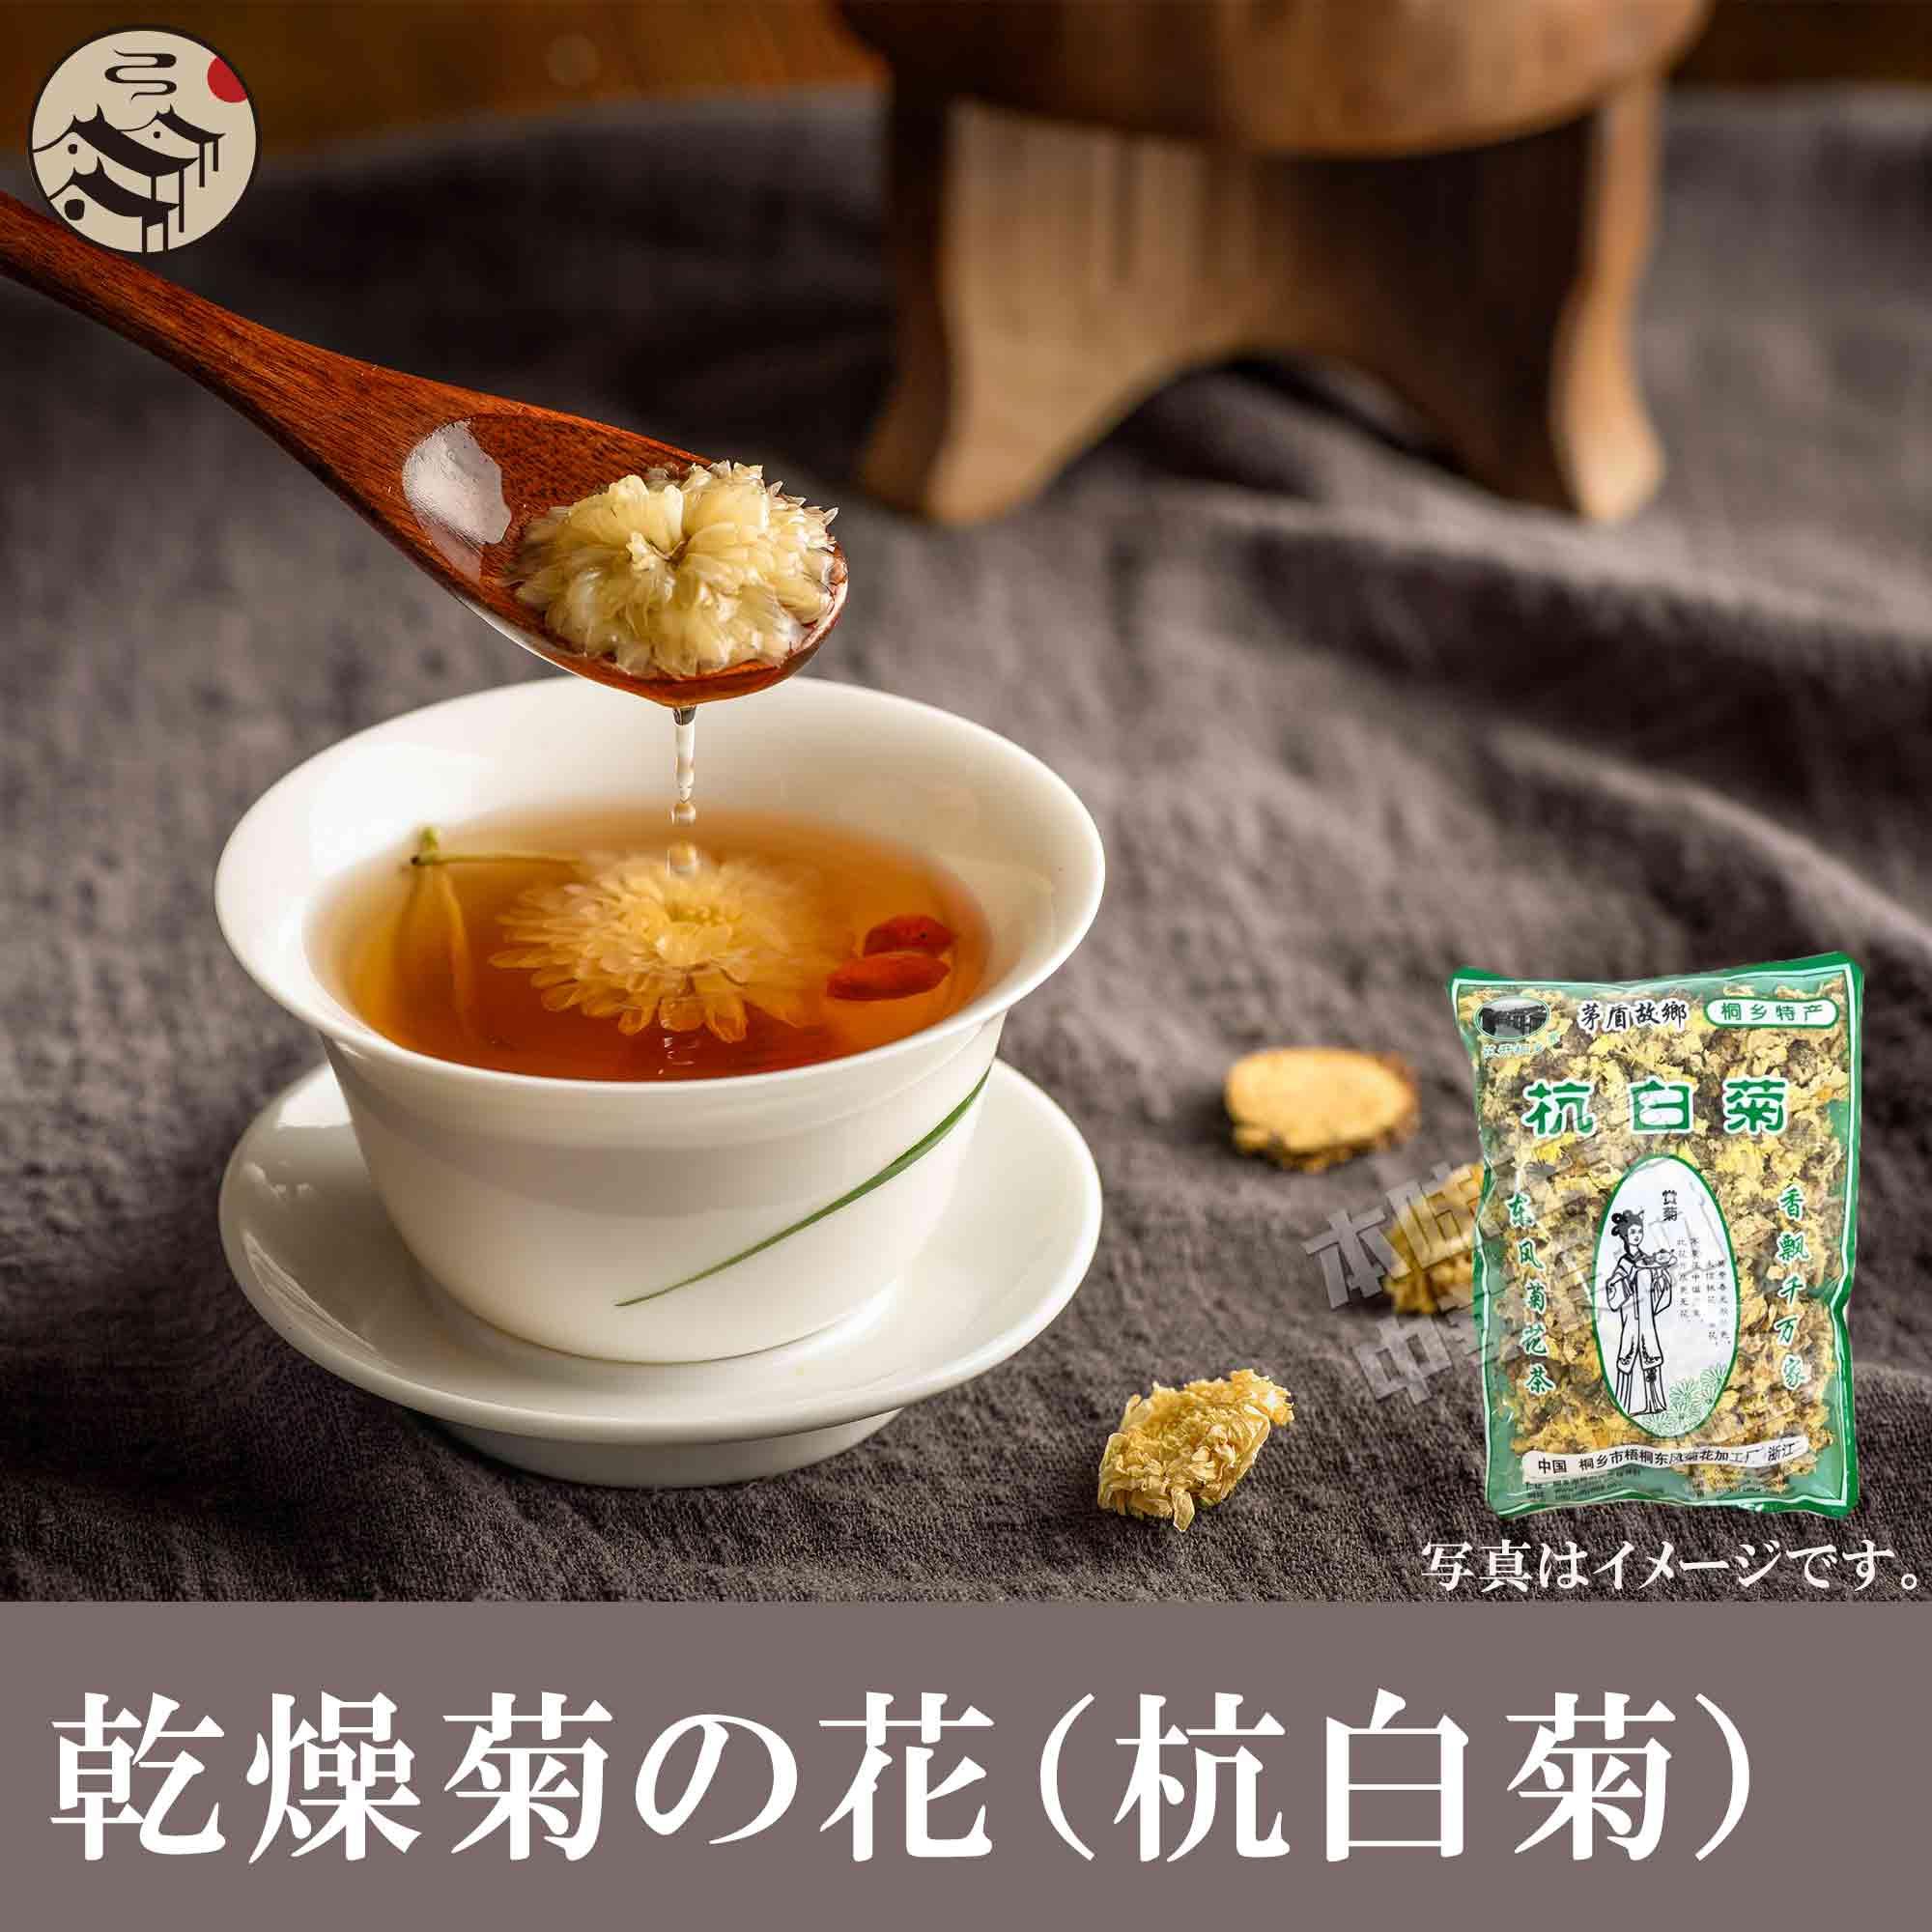 記念日 乾燥菊の花 杭白菊 当店限定販売 75g